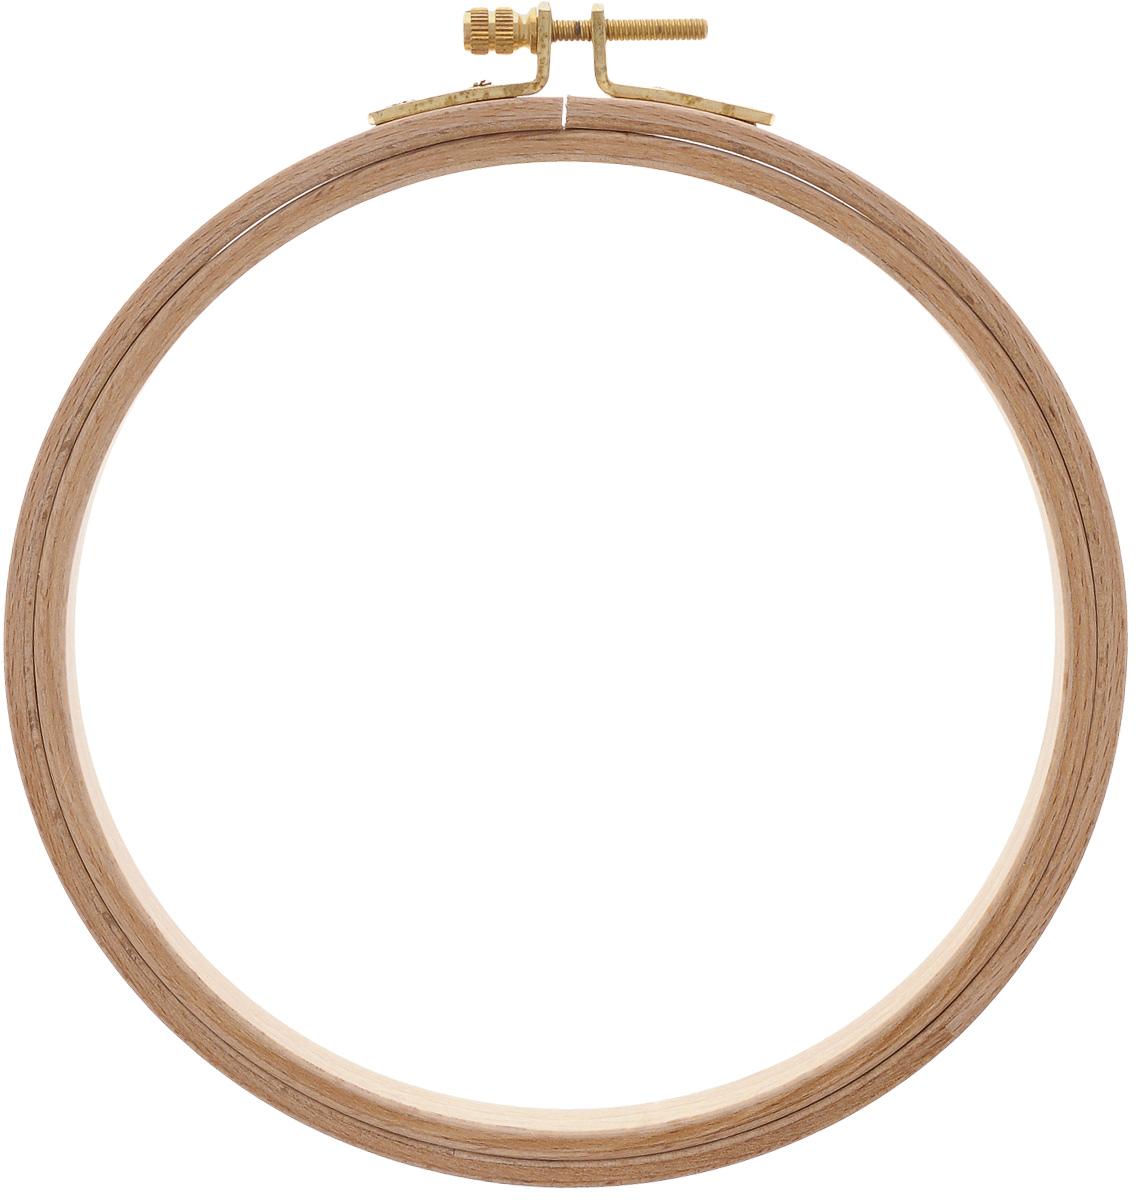 Пяльцы Klass & Gessmann, диаметр 15,5 см. 206-3206-3Пяльцы Klass & Gessmann изготовлены из трехслойного клееного полированного бруса (бука) и оснащены латунным винтом для надежного закрепления ткани. Пяльцы просто незаменимы для вышивки. Их основное назначение - держать материал в натянутом состоянии. Работа, сделанная своими руками, создаст особый уют и атмосферу в доме и долгие годы будет радовать вас и ваших близких. А подарок, выполненный собственноручно, станет самым ценным для друзей и знакомых. Диаметр: 15,5 см. Высота обода: 12 мм.